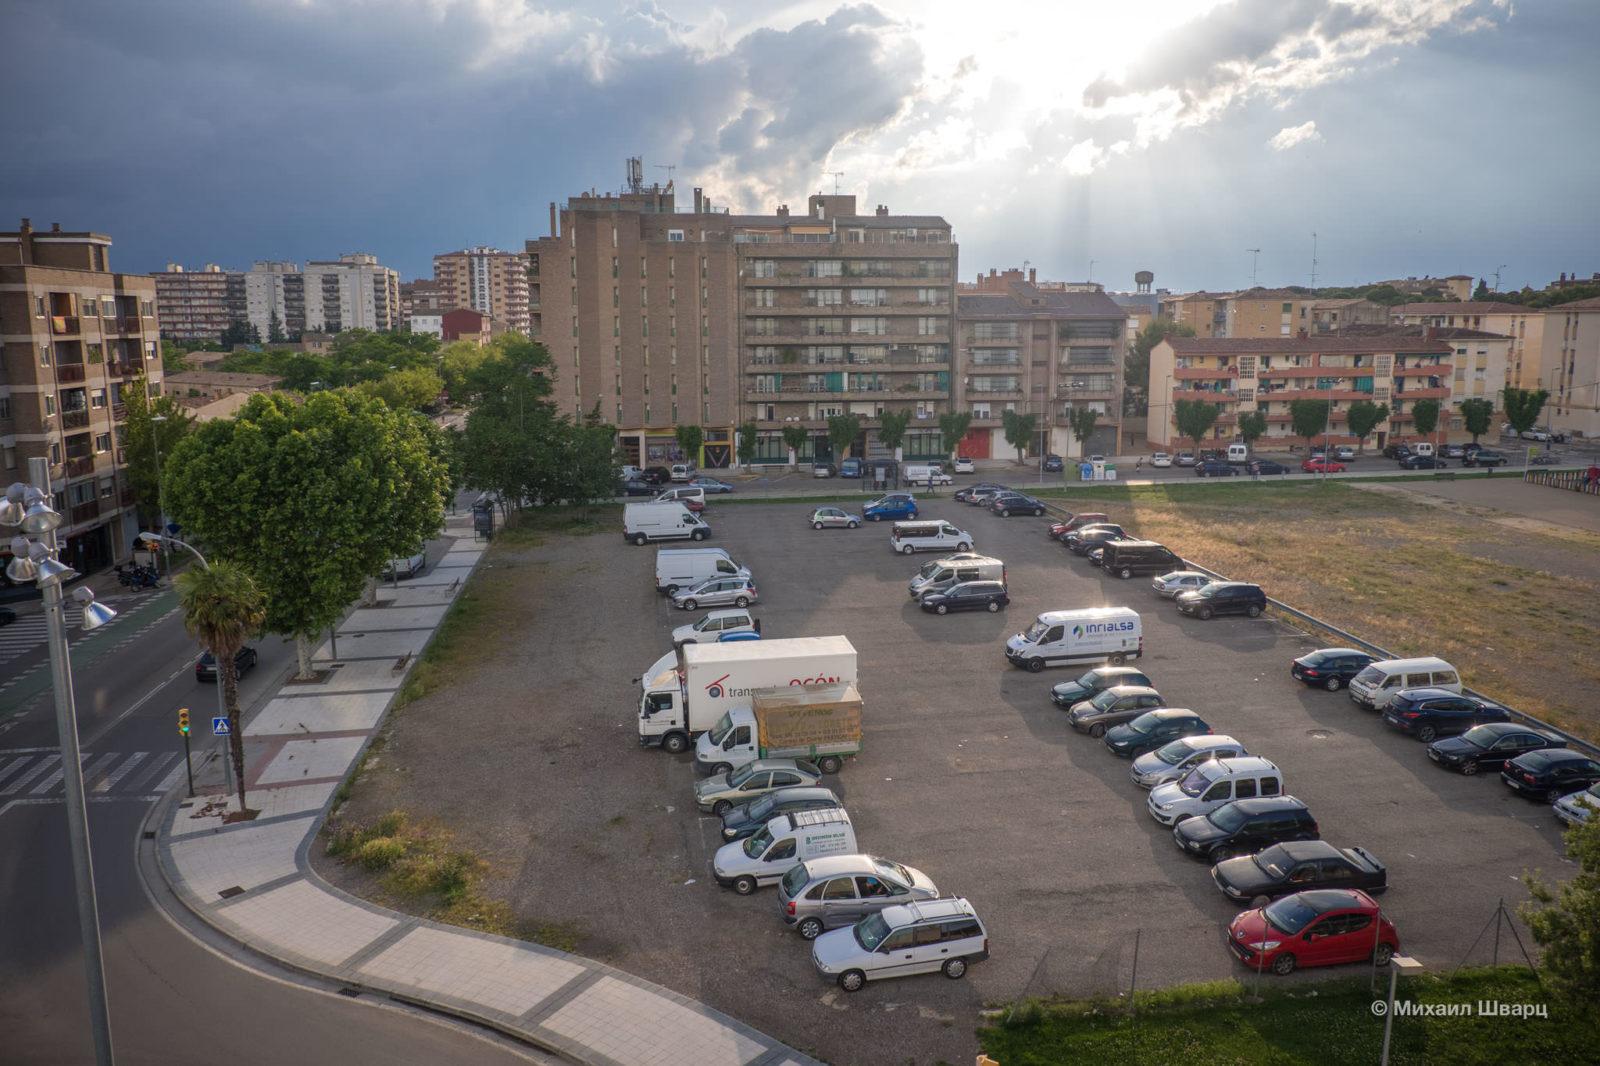 Рядом бесплатная парковка